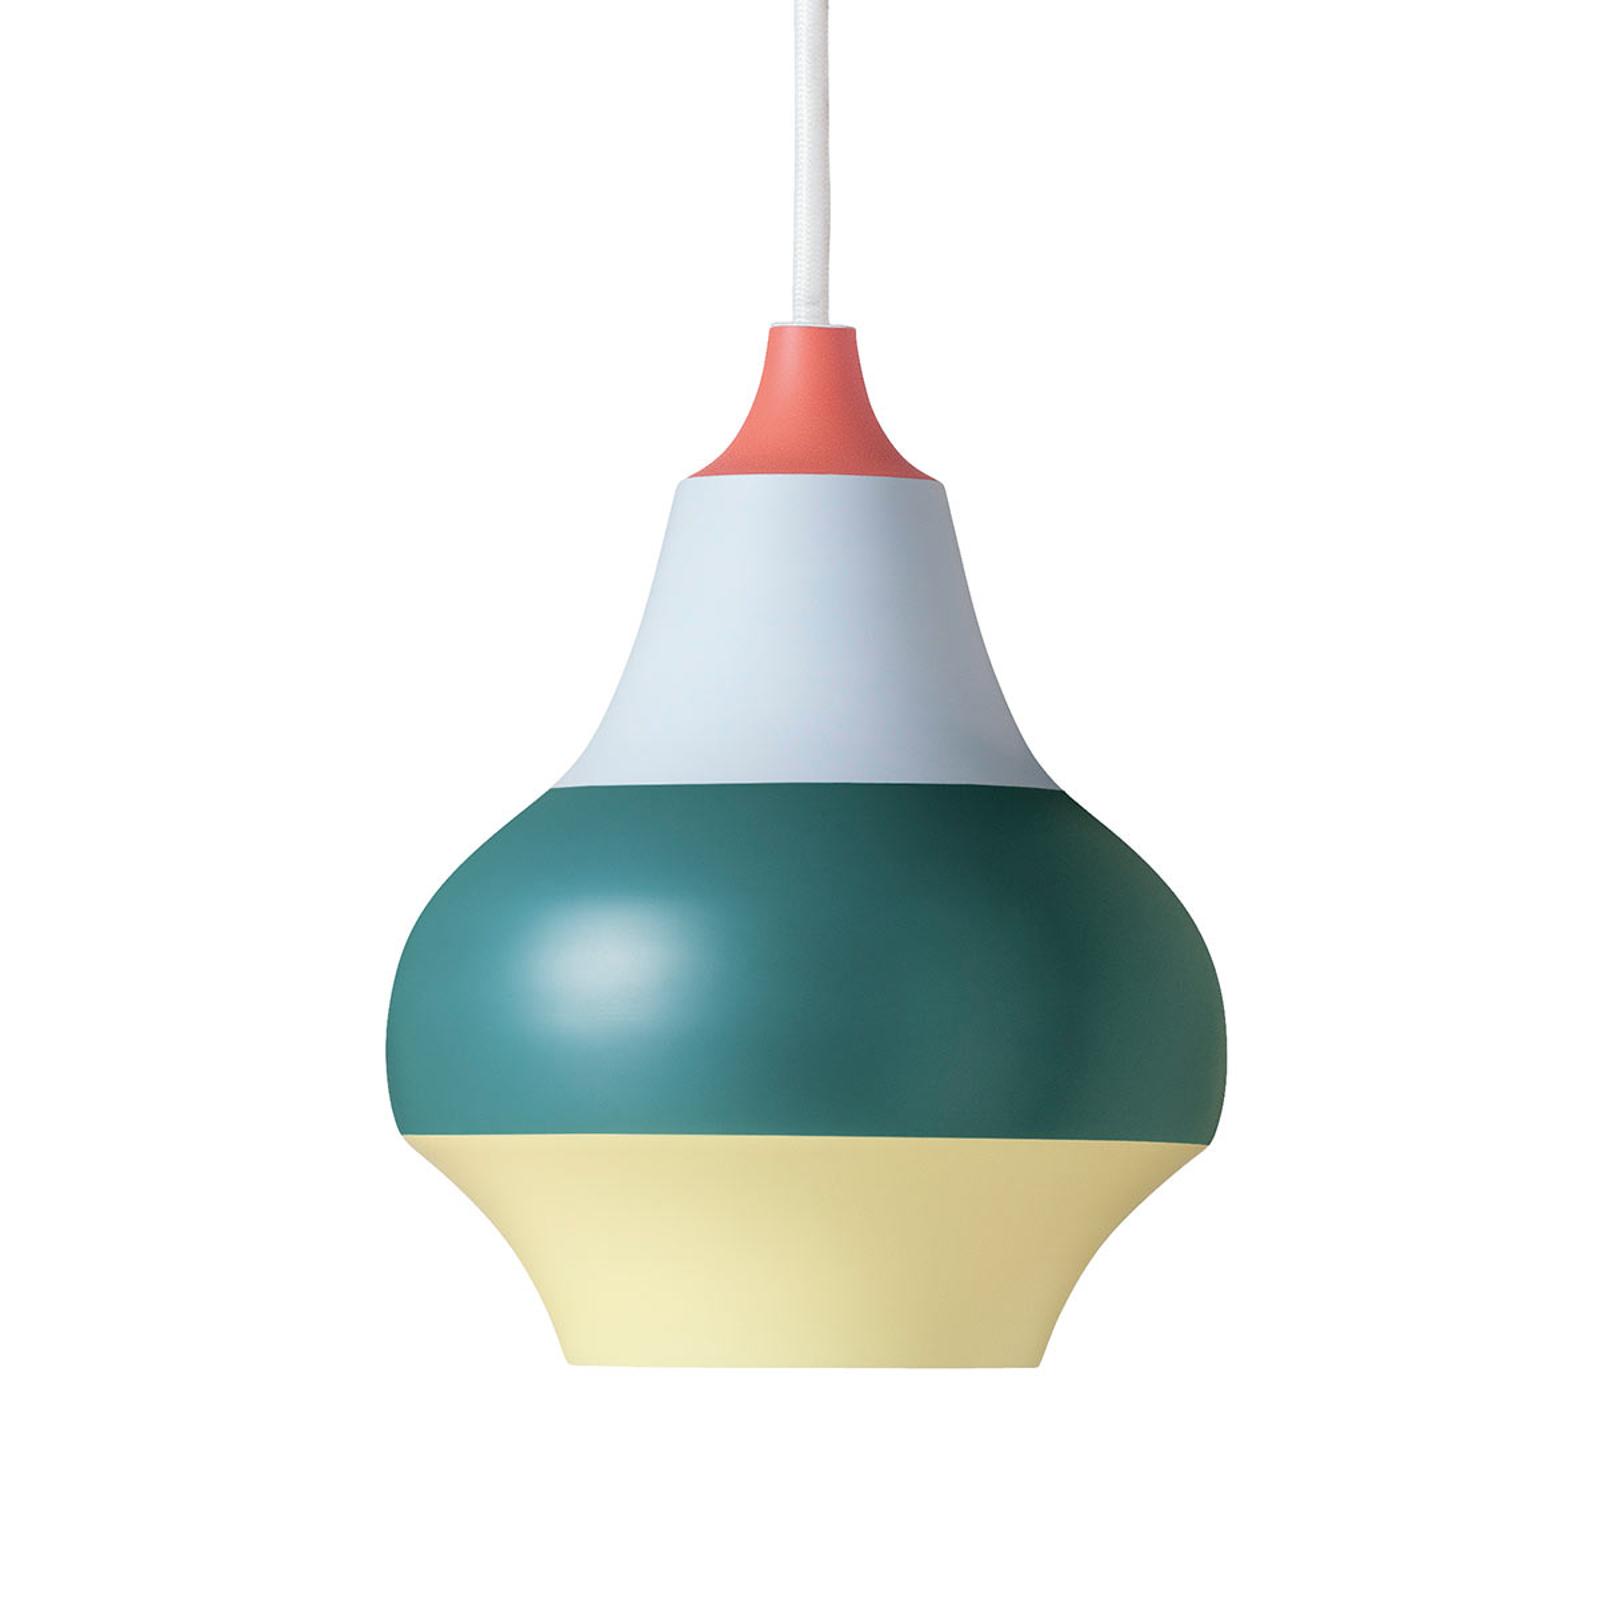 Louis Poulsen Cirque hanglamp, rood, 15 cm